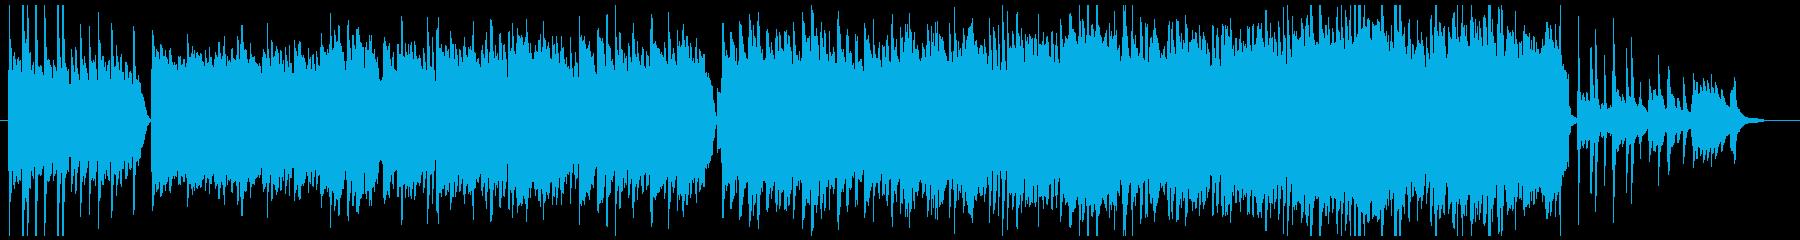 『われは海の子』のインストの再生済みの波形